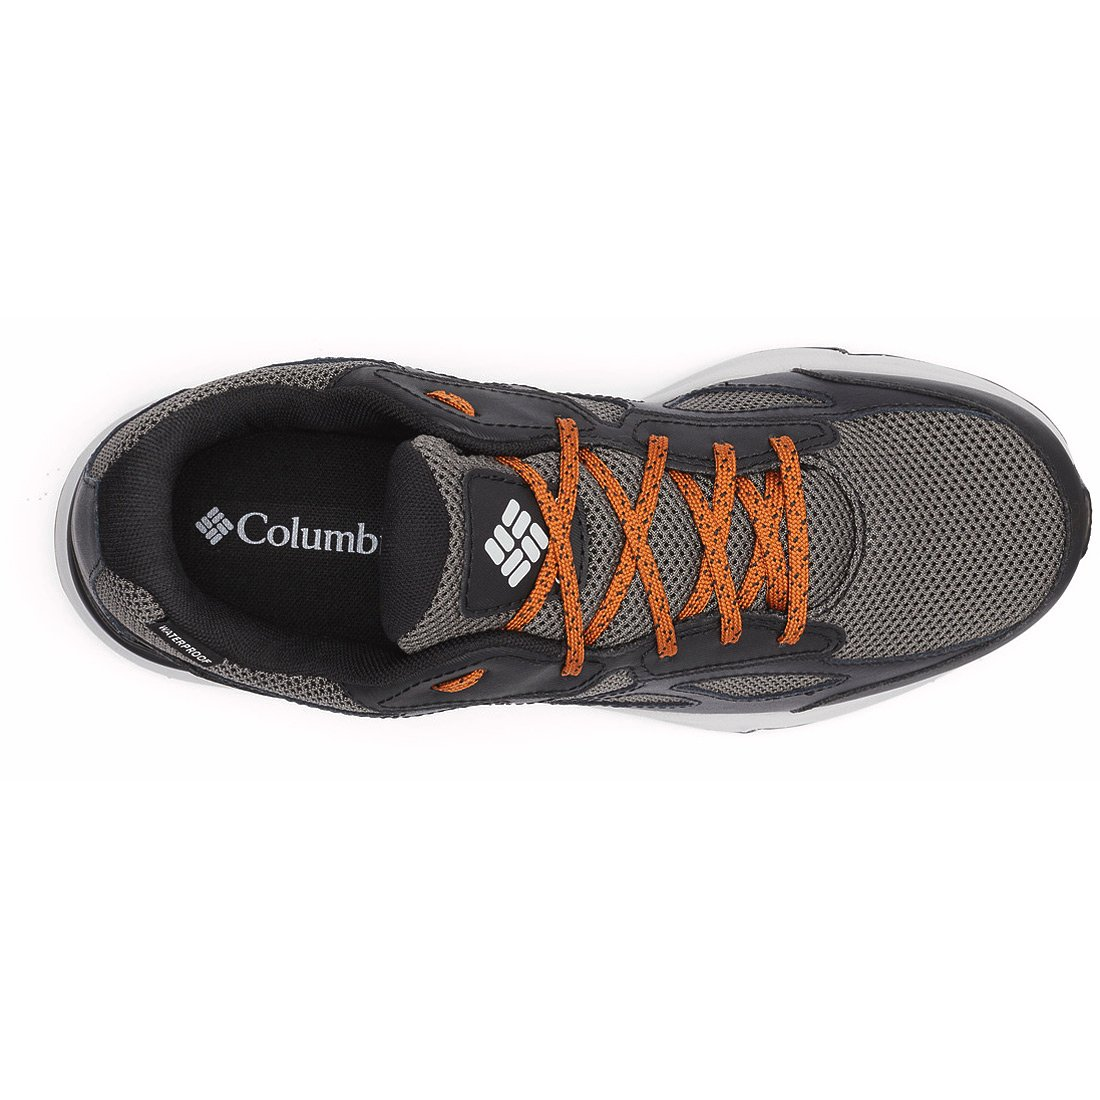 נעלי טיולים לגברים - Vitesse Fasttrack Waterproof M - Columbia